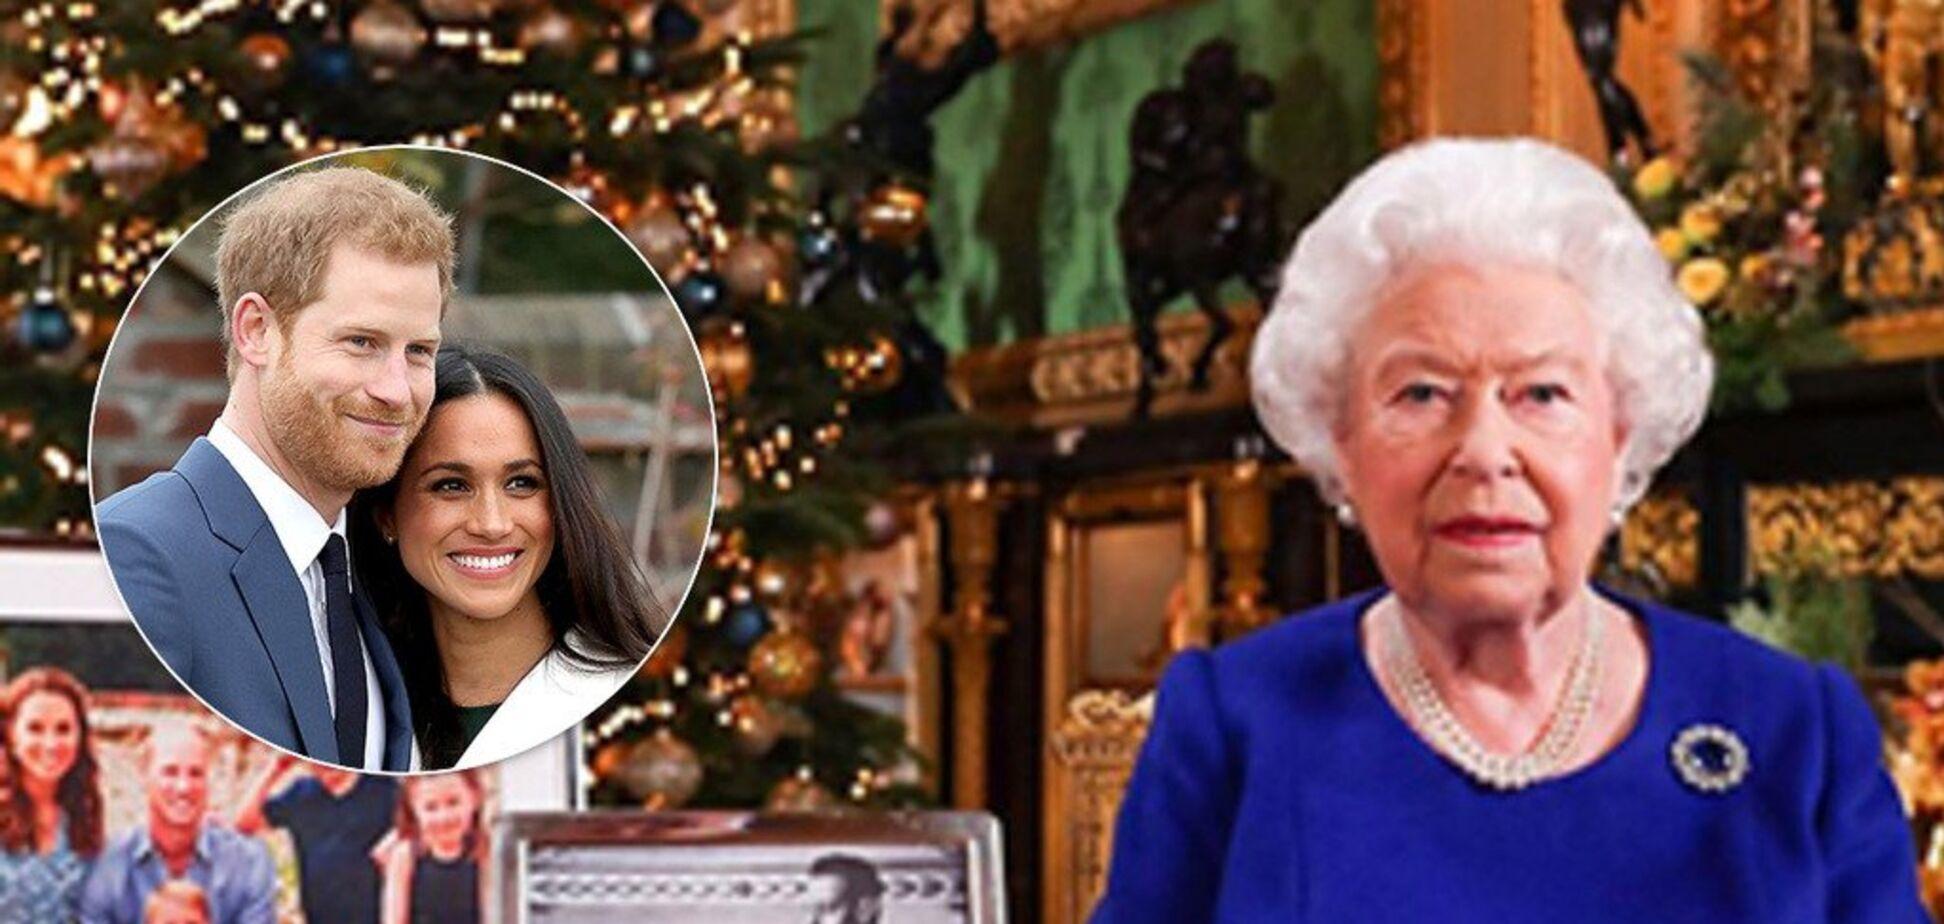 Принца Гарри и Маркл отлучили от двора? Королева Елизавета дала повод для сплетен